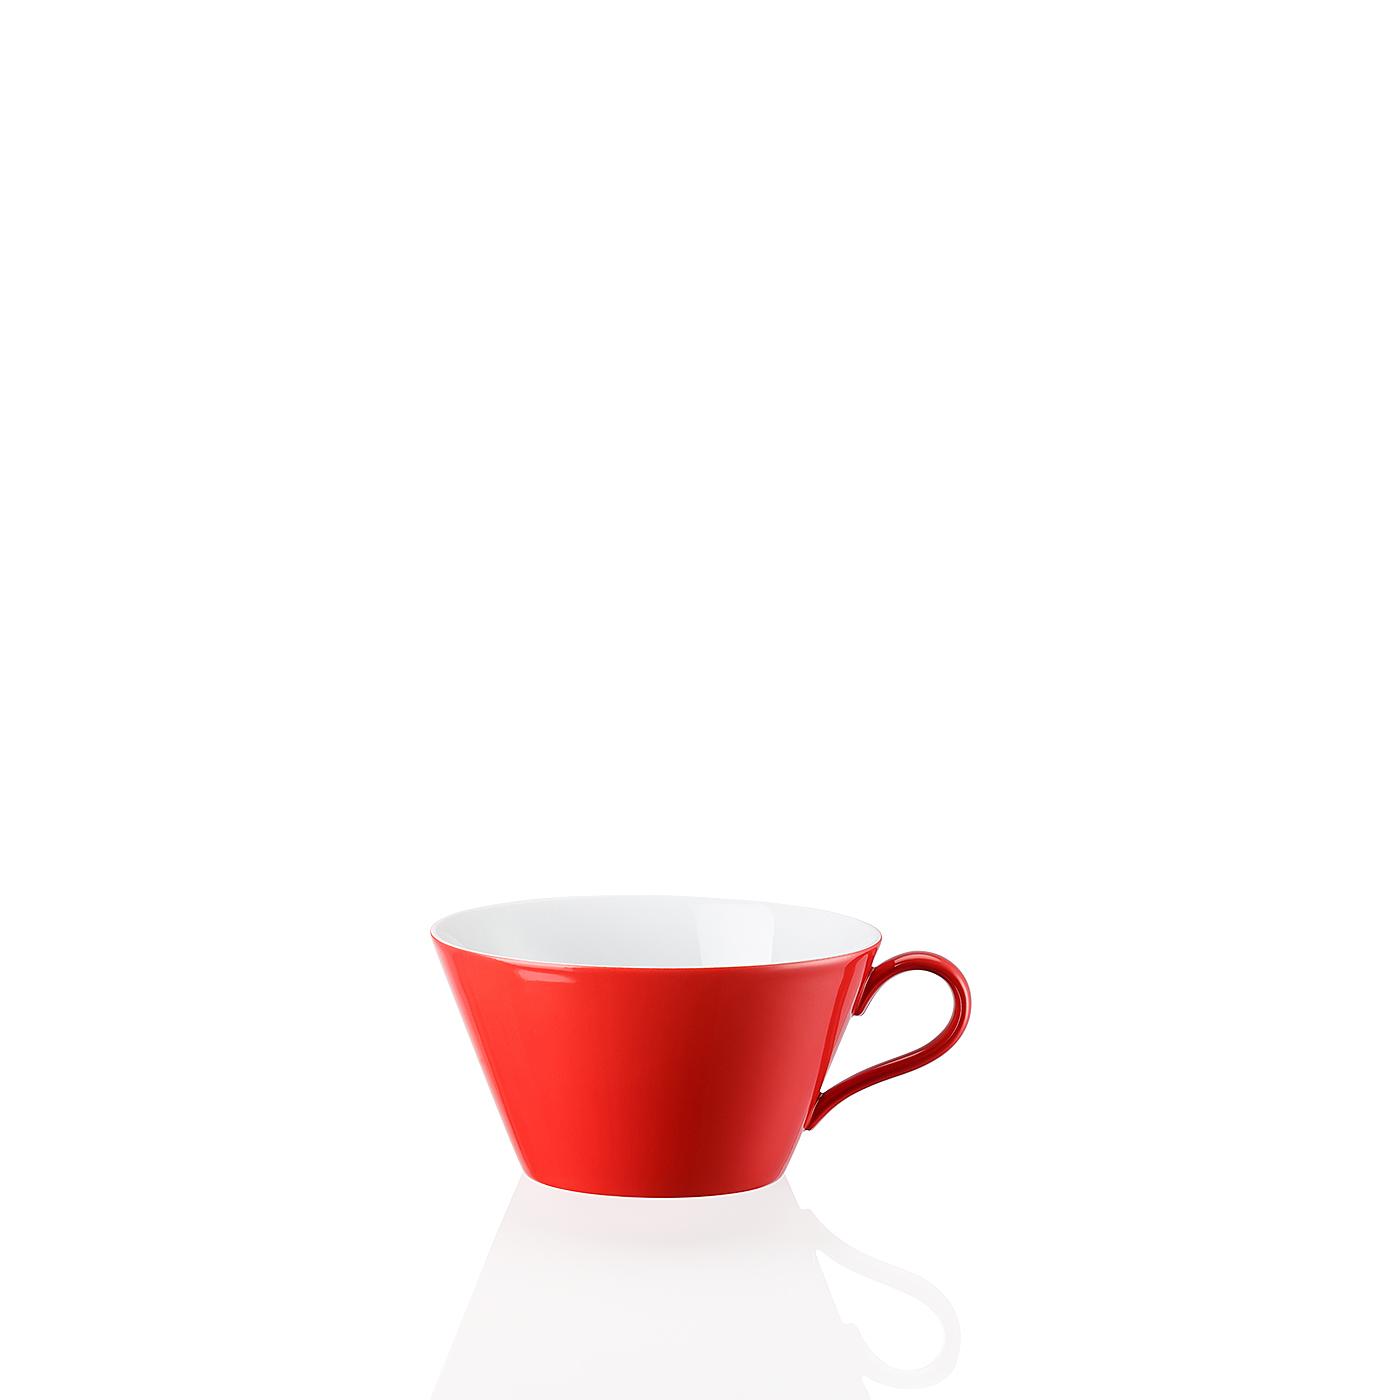 Café au Lait Obertasse Tric Hot Arzberg